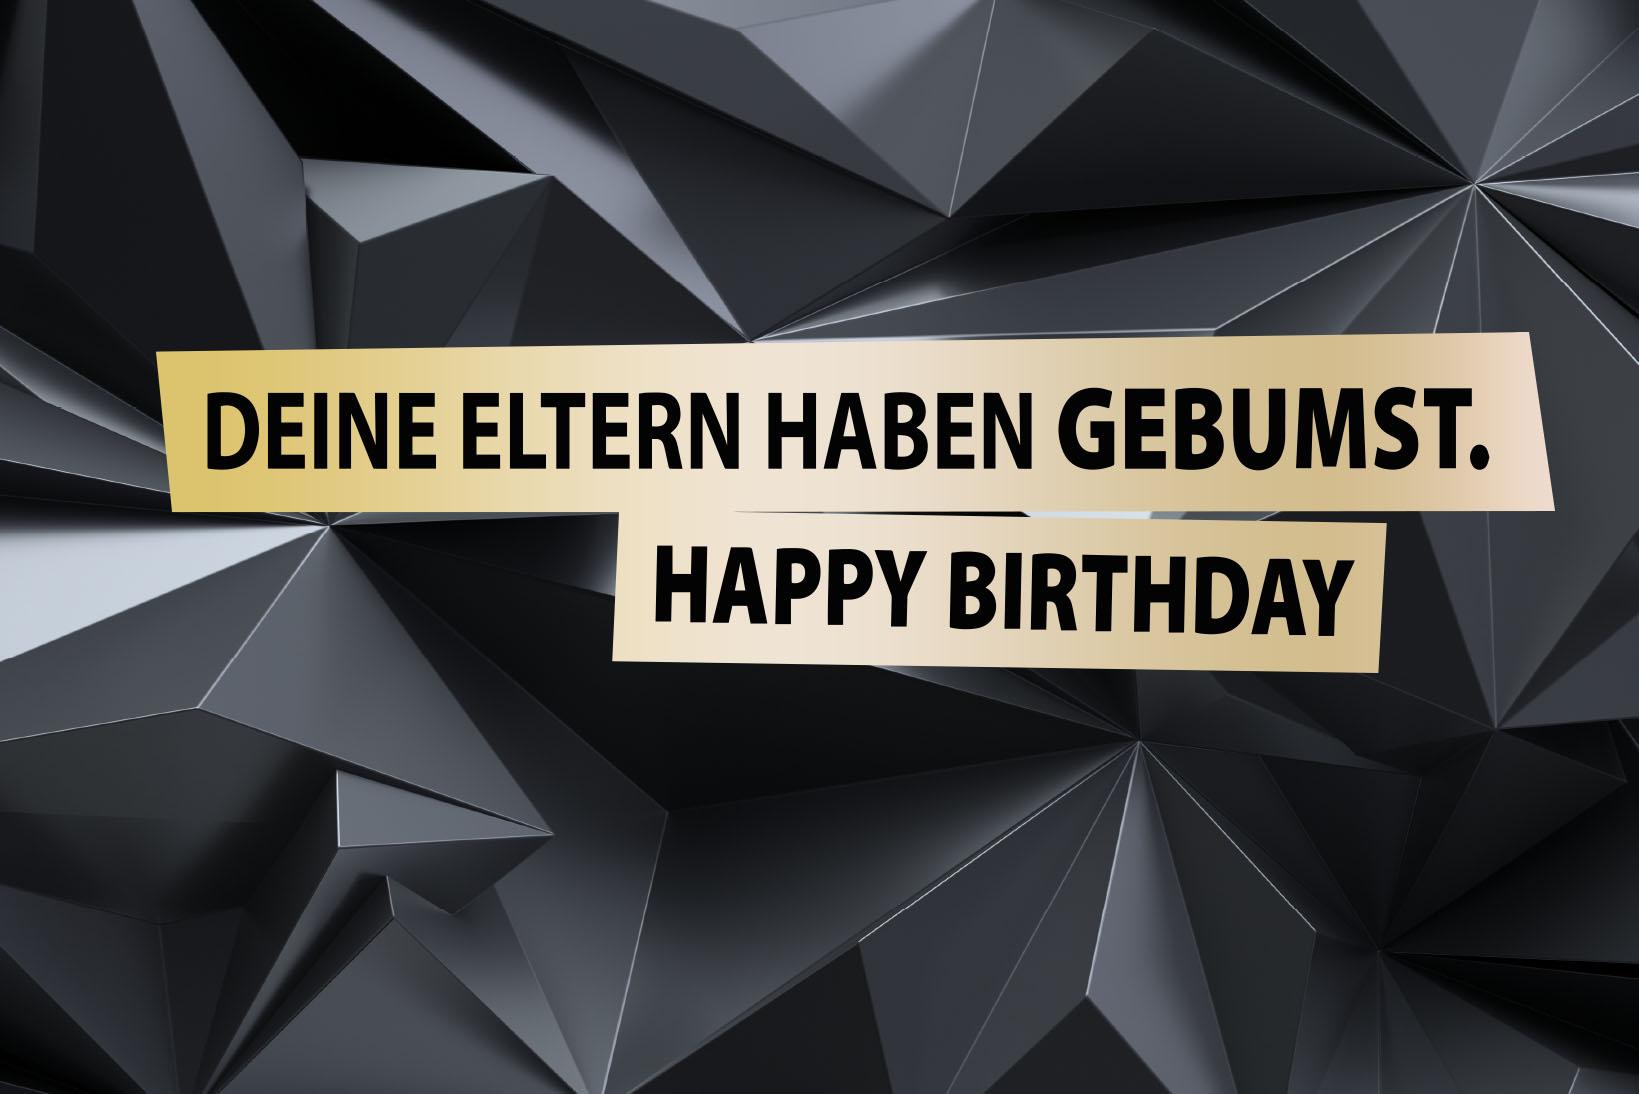 Geburtstagskarte - Deine Eltern haben gebumst. Happy Birthday Grußkarte Postkarte FUN